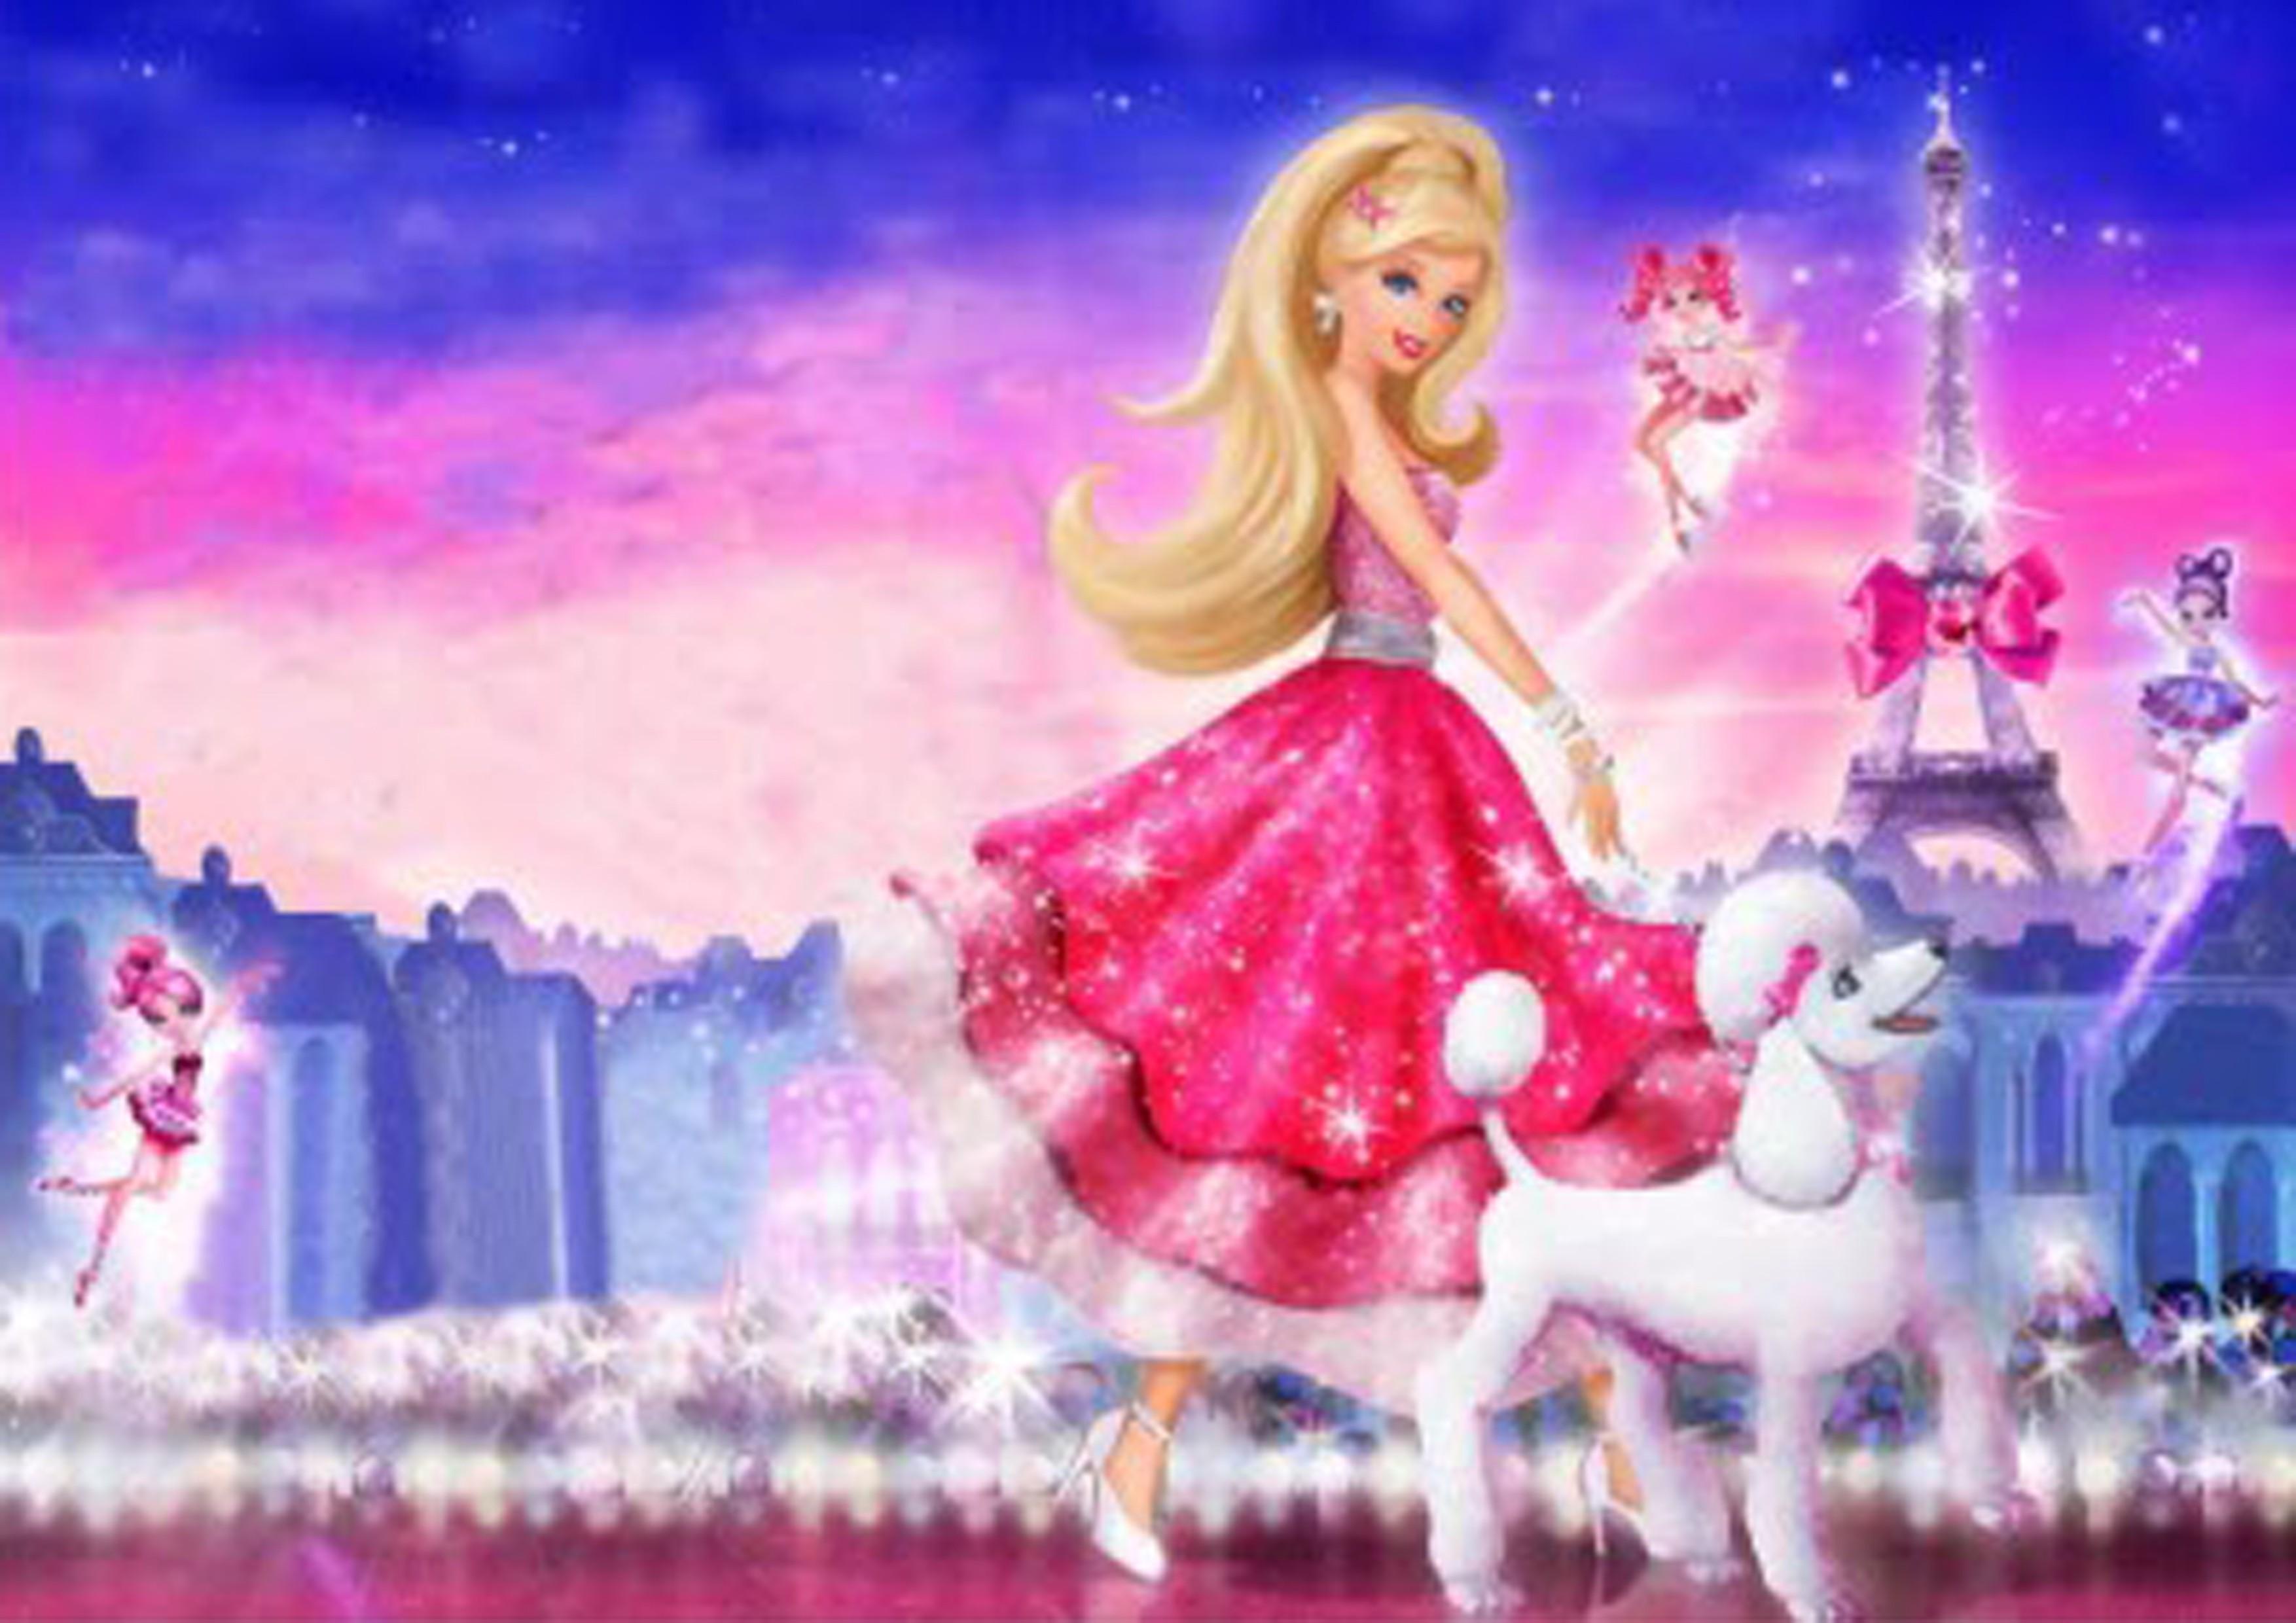 barbie wallpaper desktop   wwwwallpapers in hdcom 3508x2480